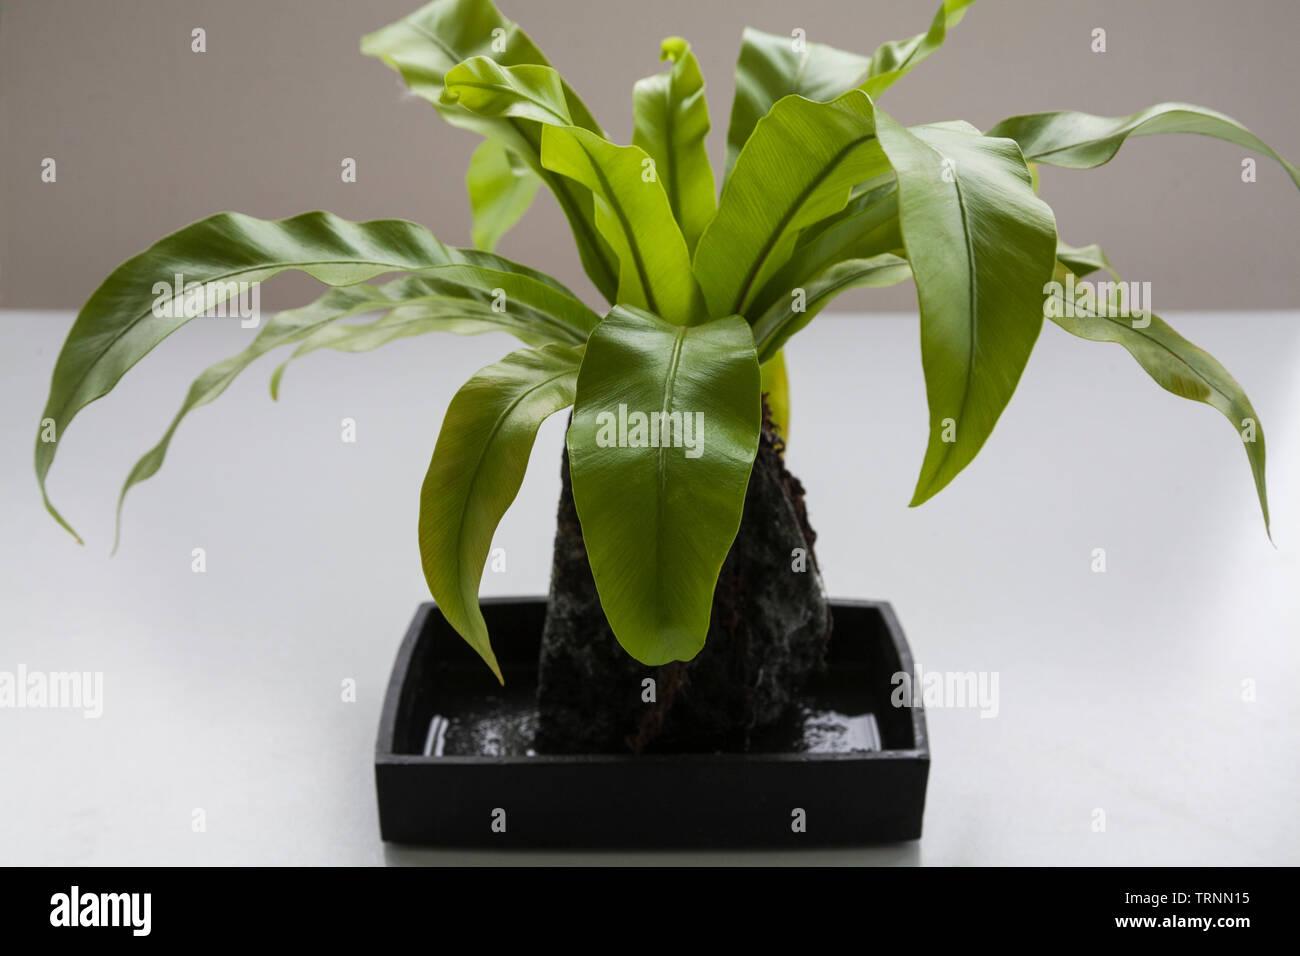 Asplenium lave avec ses racines un morceau de pierre de lave qui fournit du soutien, de l'humidité et des éléments nutritifs Photo Stock